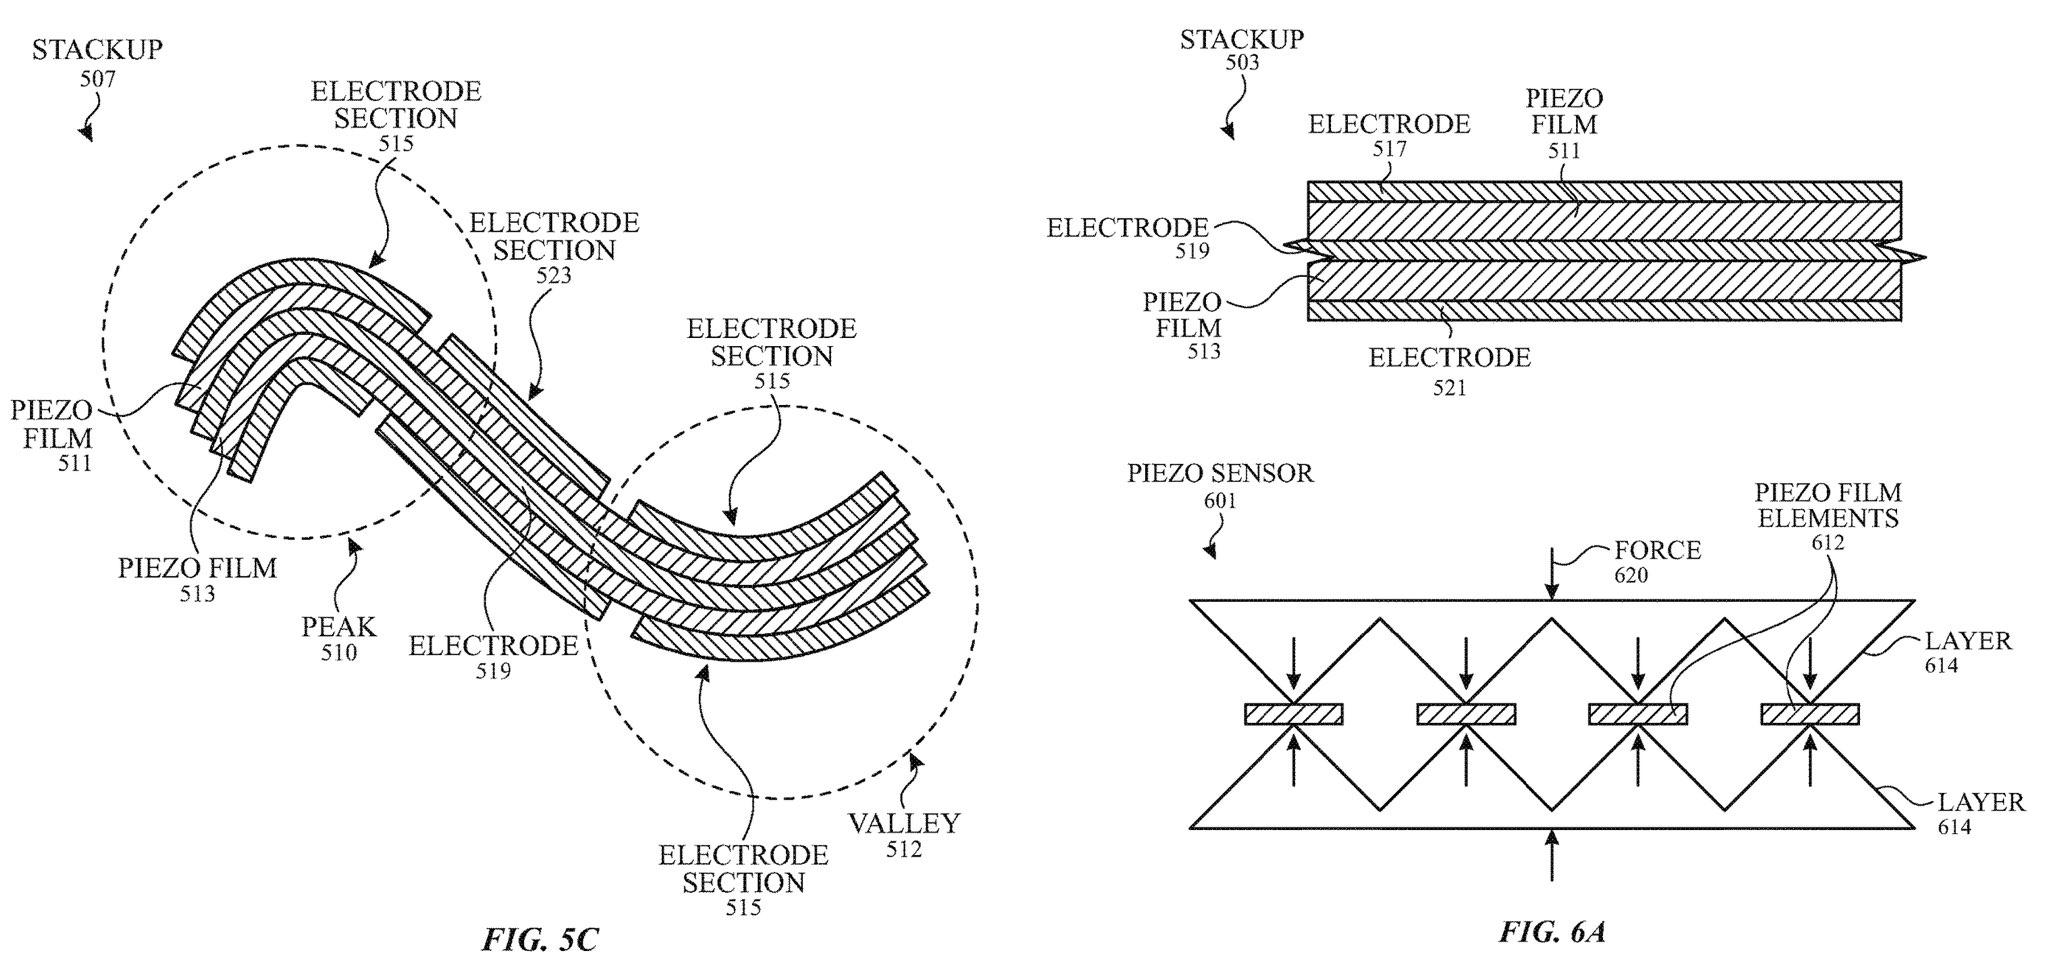 Slaapsensor patent